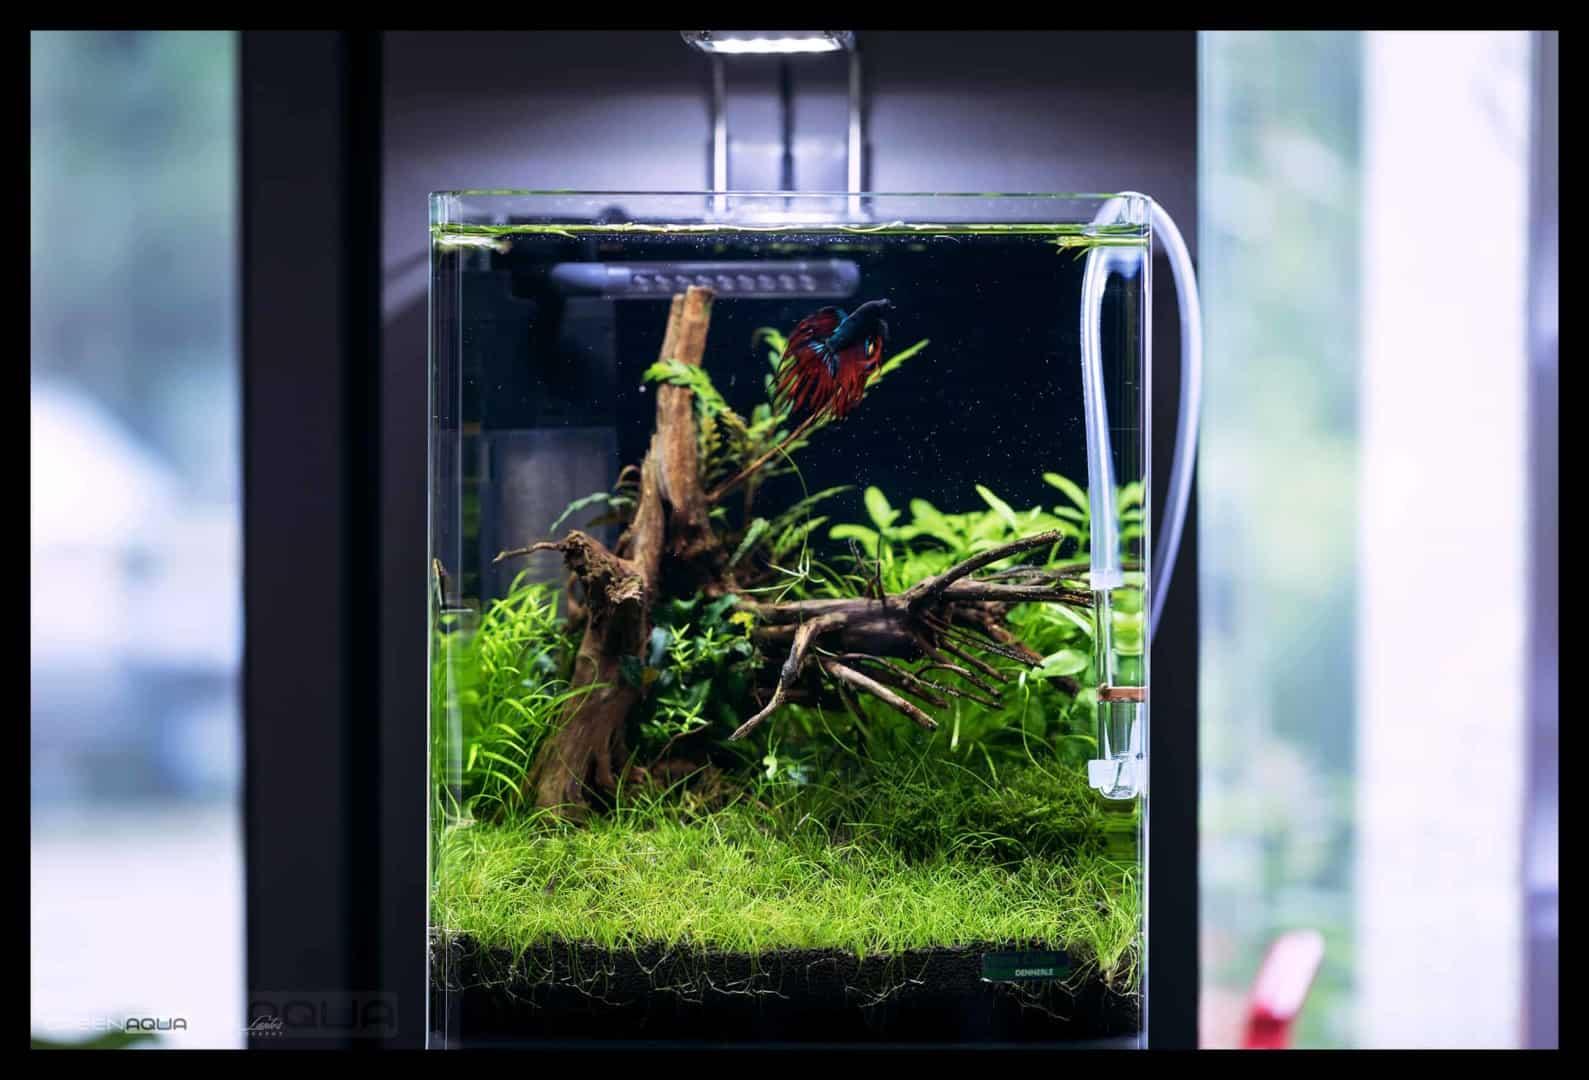 174 Green Aqua 2.0 (Volker Jochum) 10